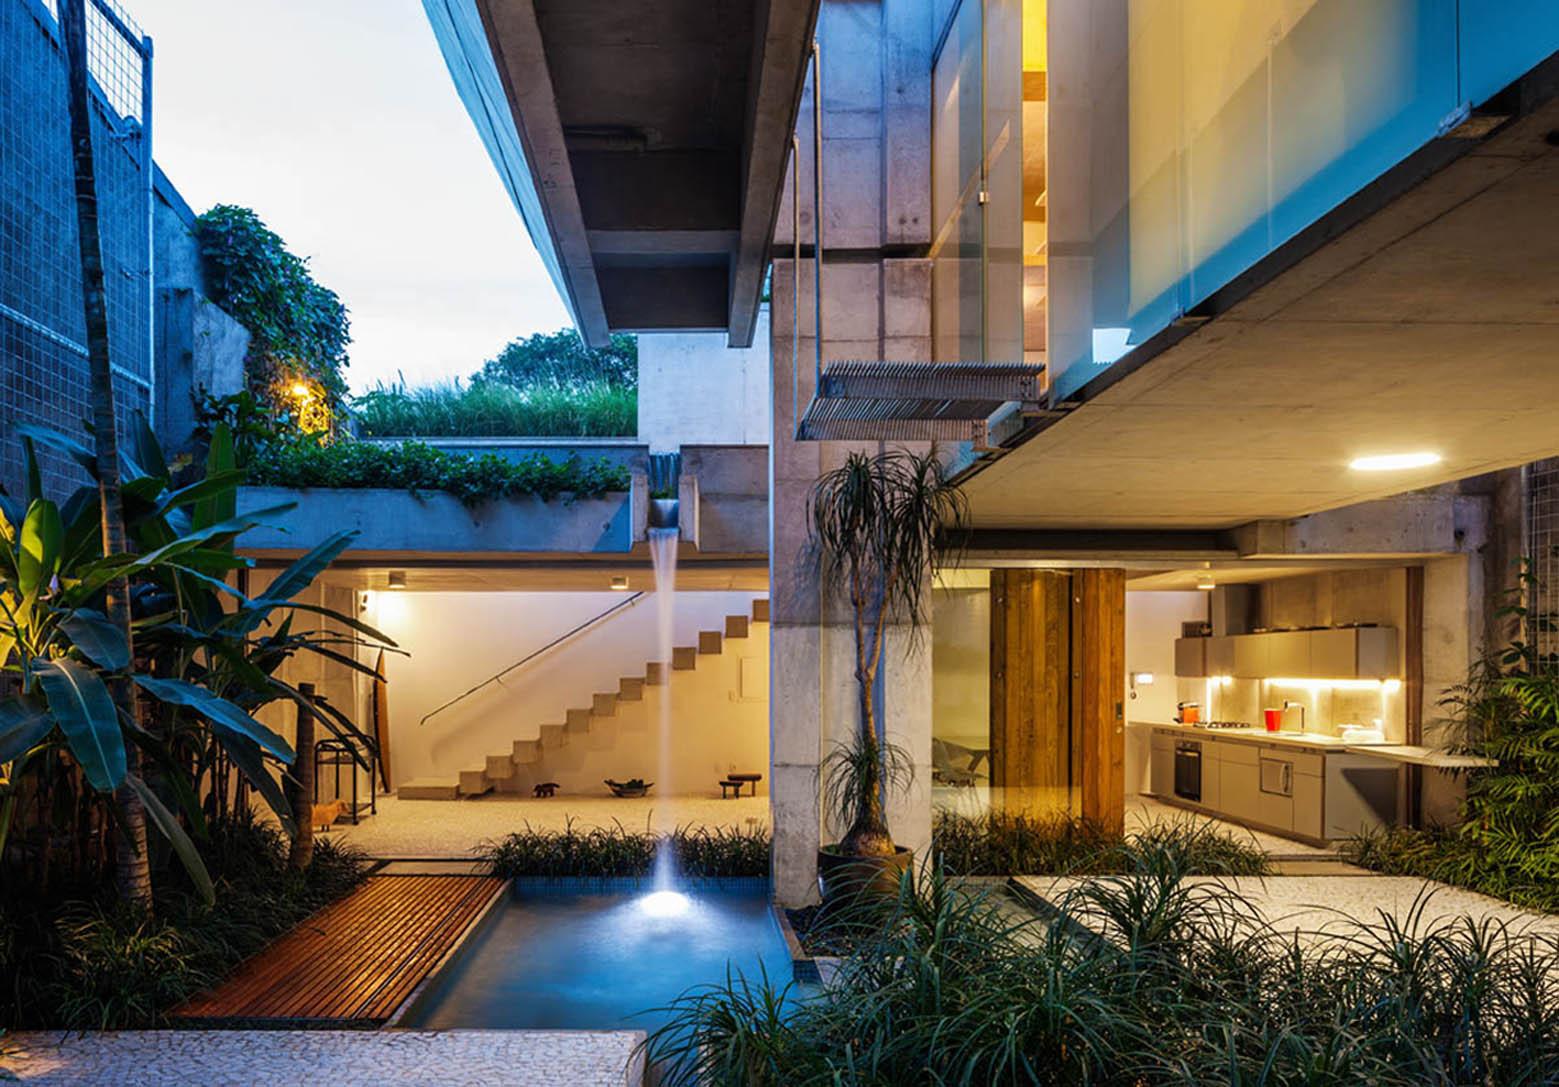 Galeria de casa de fim de semana em s o paulo spbr - Maison brooklin sao paulo galeria arquitetos ...